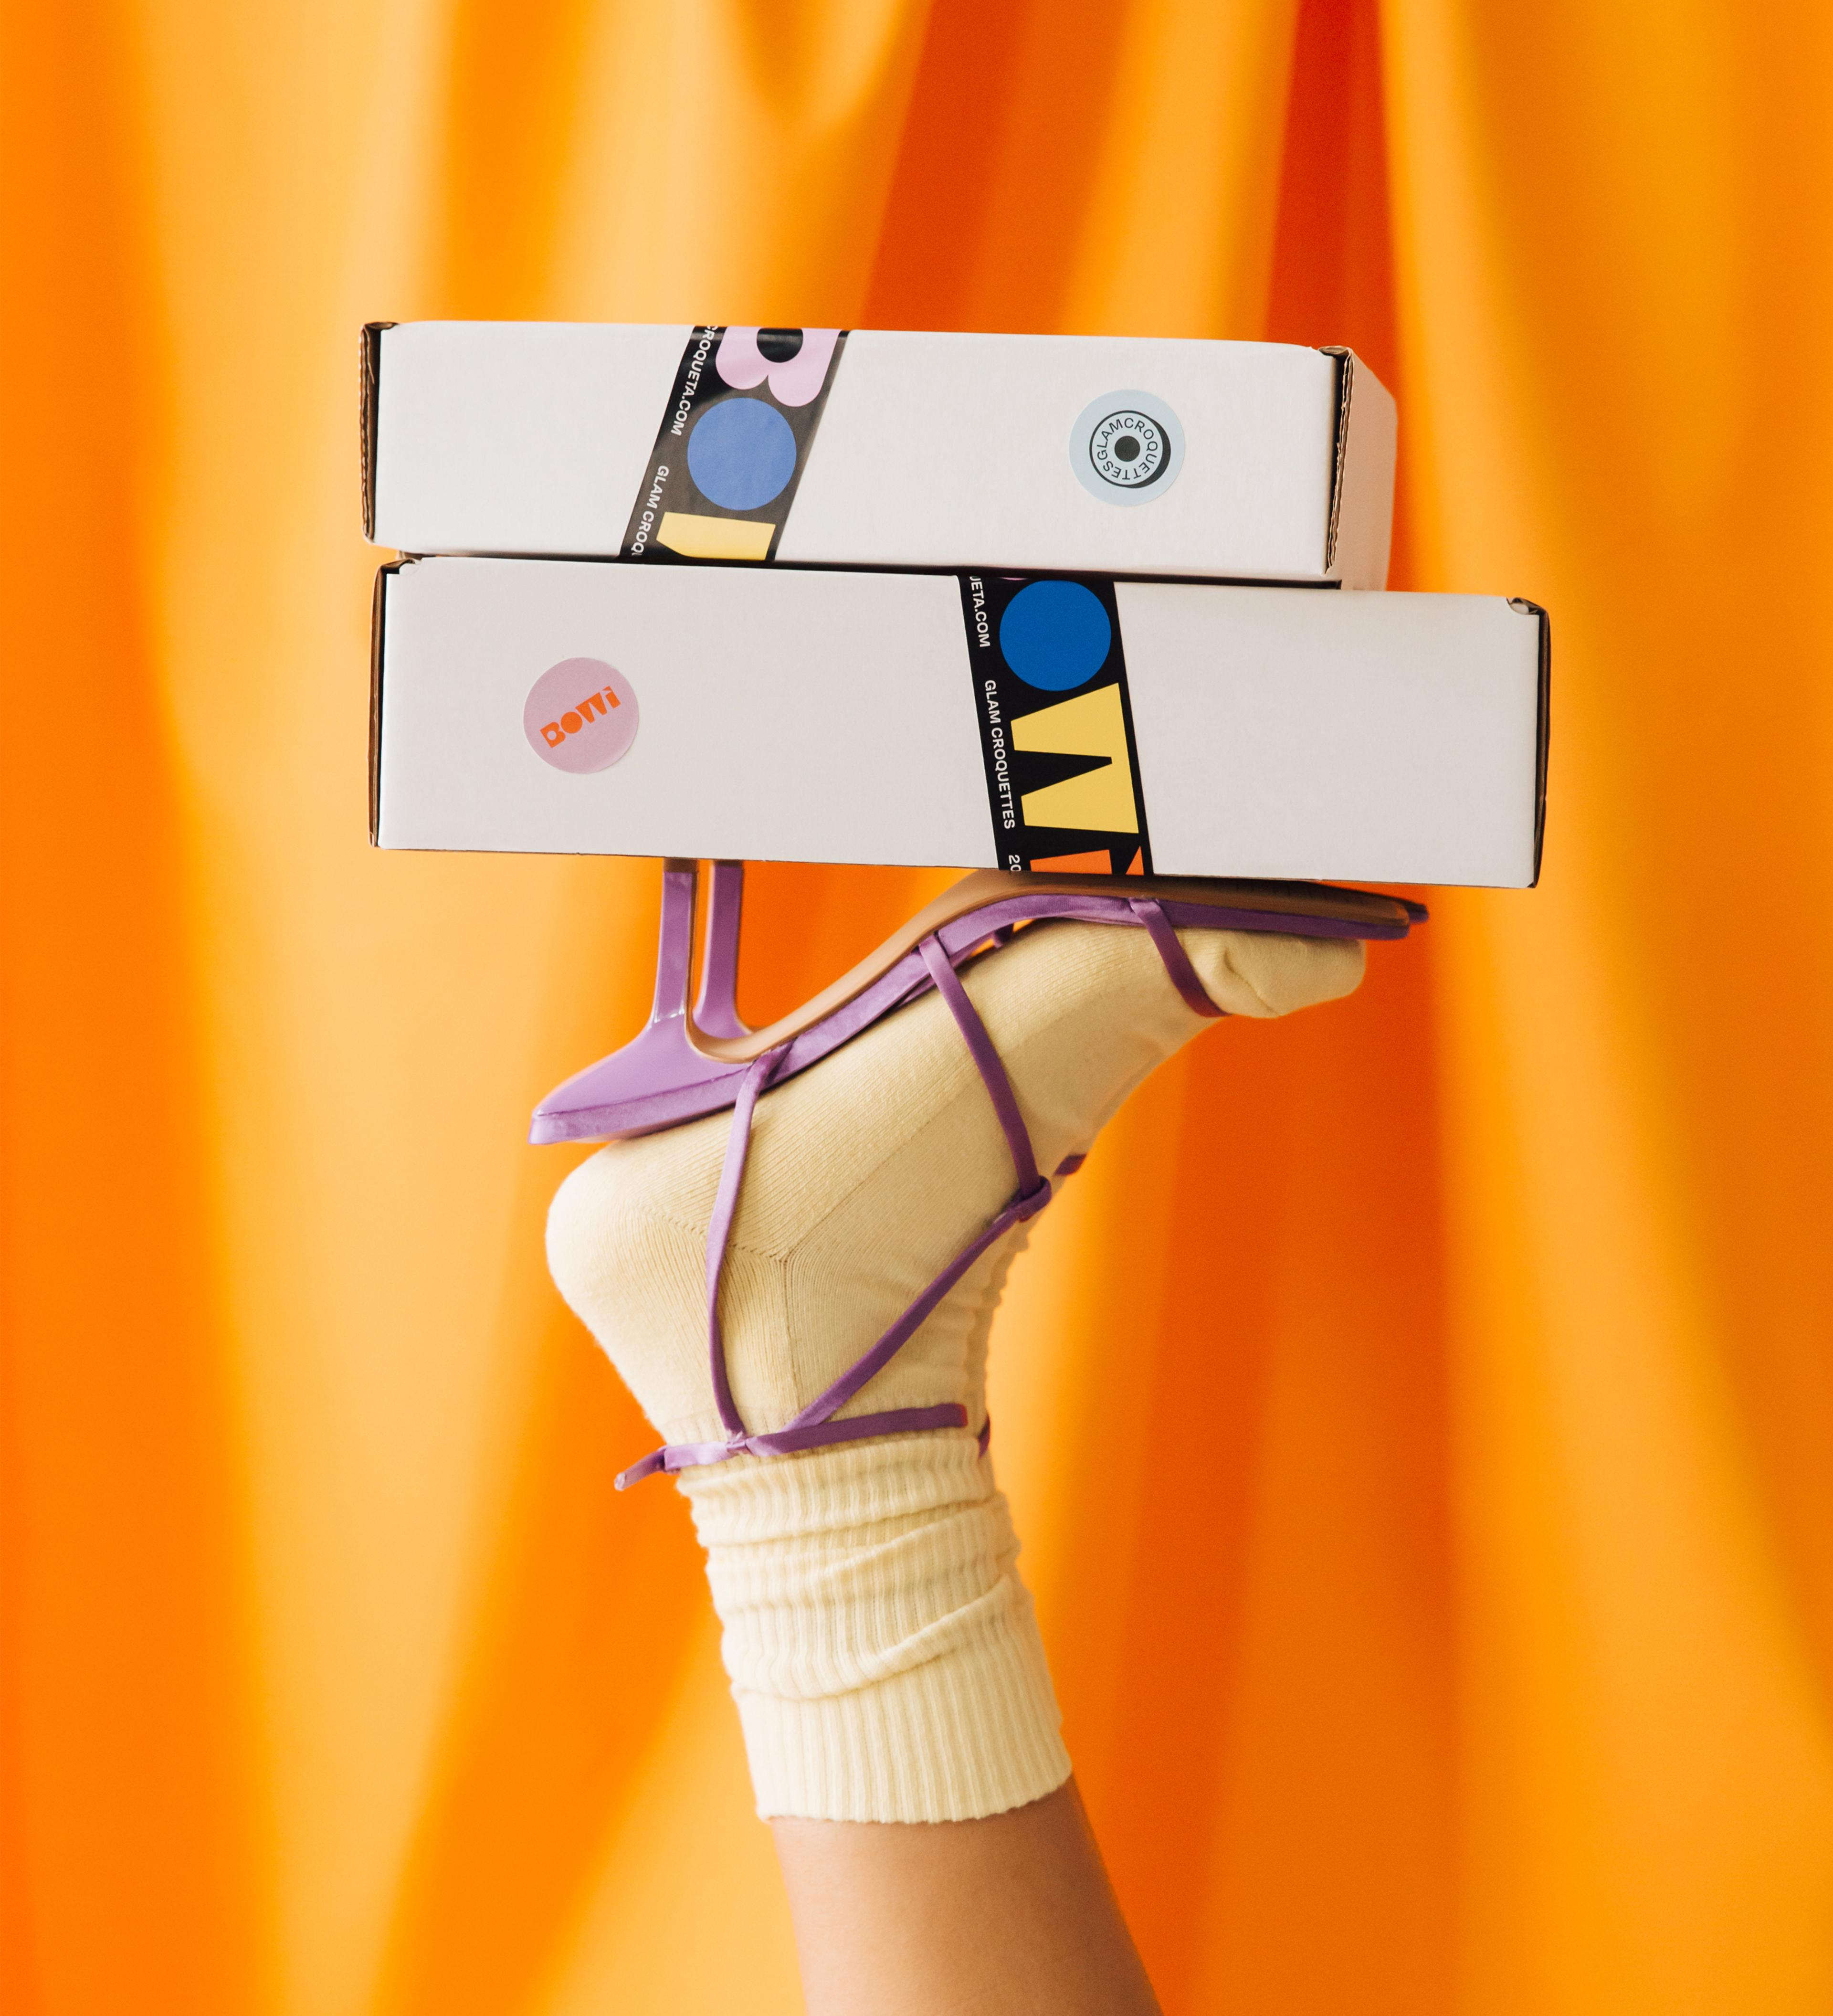 Bowi Croqueta Packaging by Blavet Studio